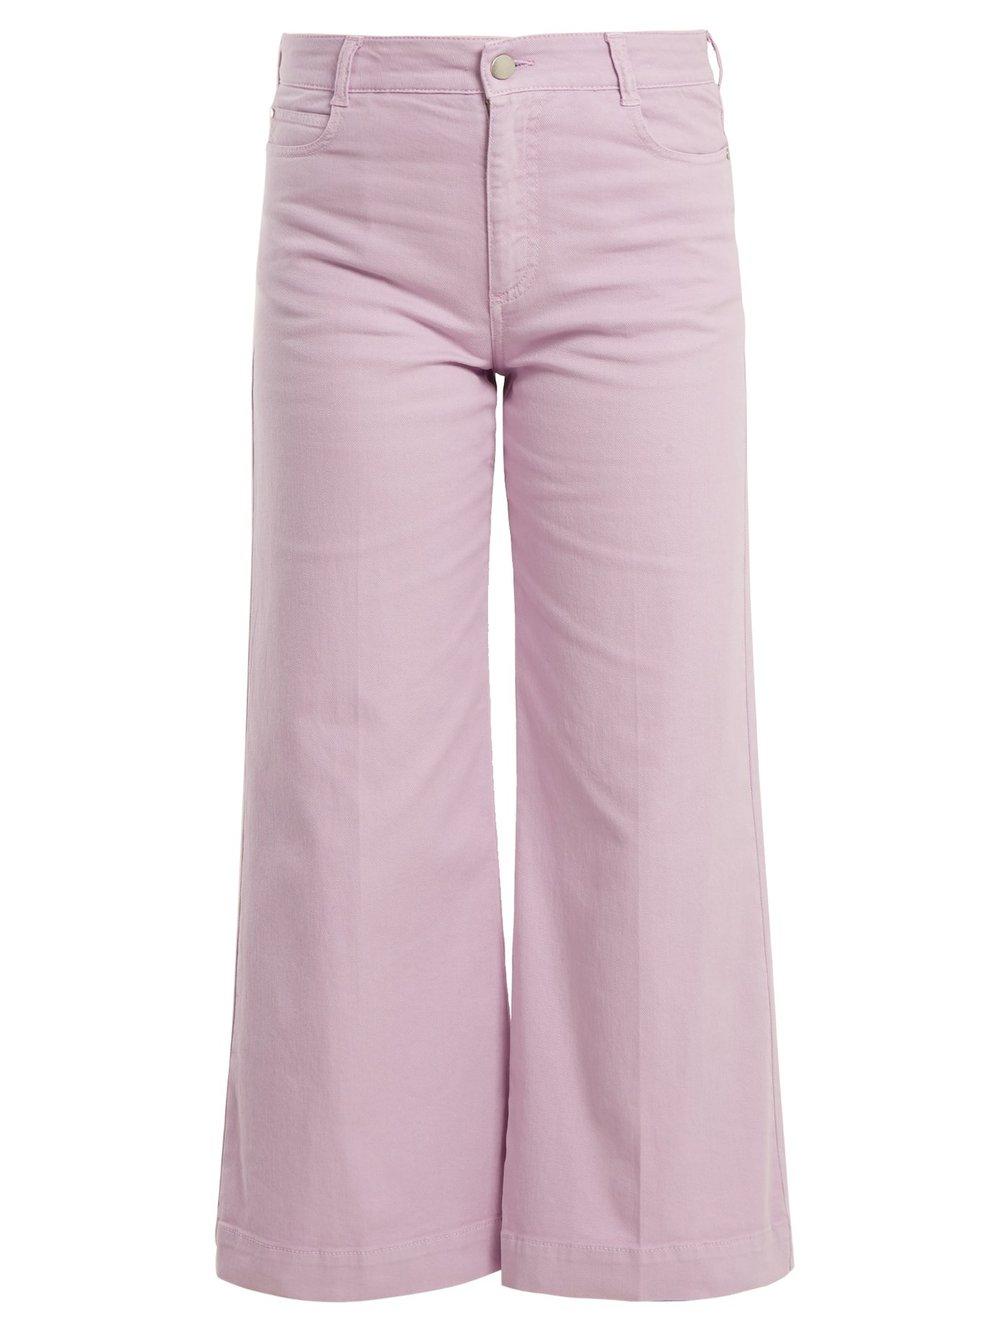 - Stella McCartney / Wide-Leg Cropped Jeans